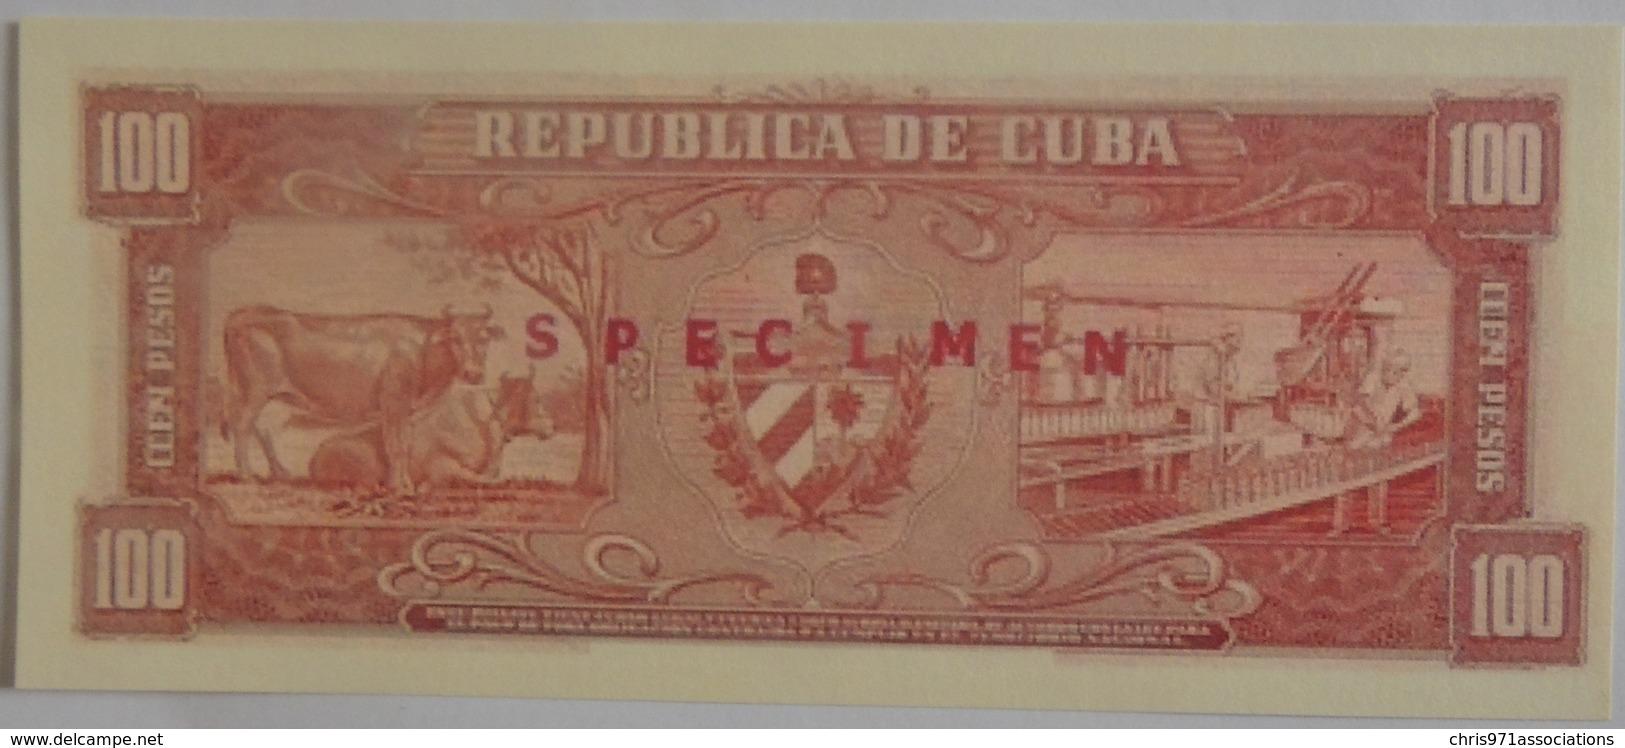 Trés Rare Billet De Cuba 100 Pesos 1960 Ou 1961 Spécimen Neuf/UNC Signé Par Le Che NON REPERTORIE - Cuba